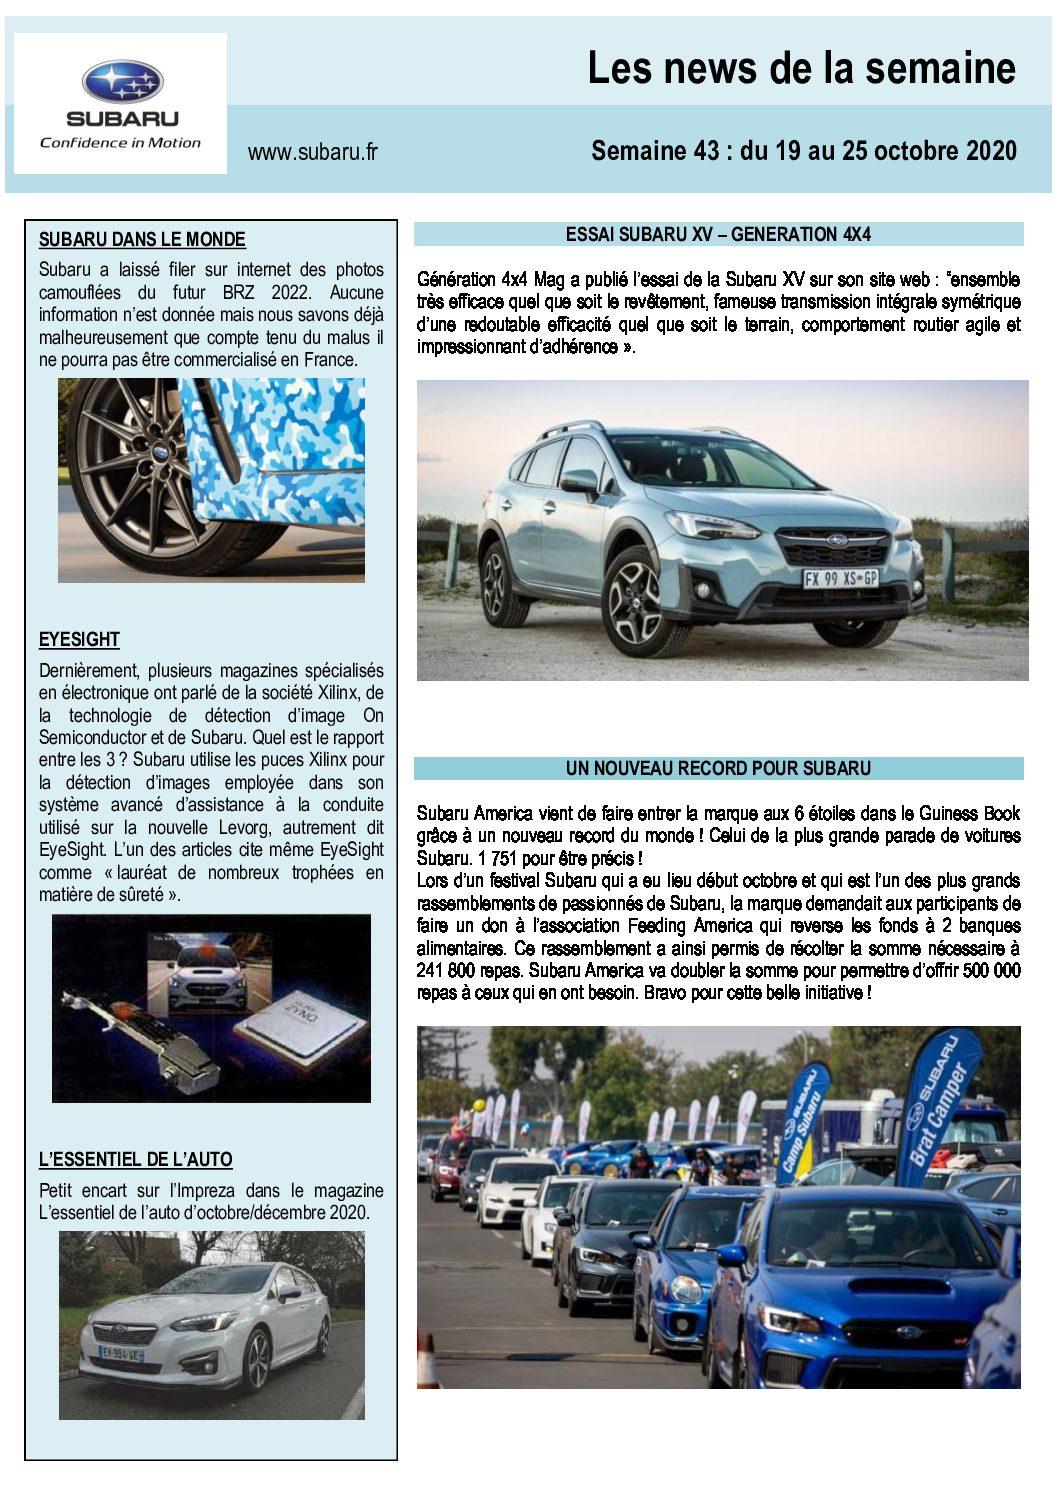 Les News Subaru – Octobre 2020